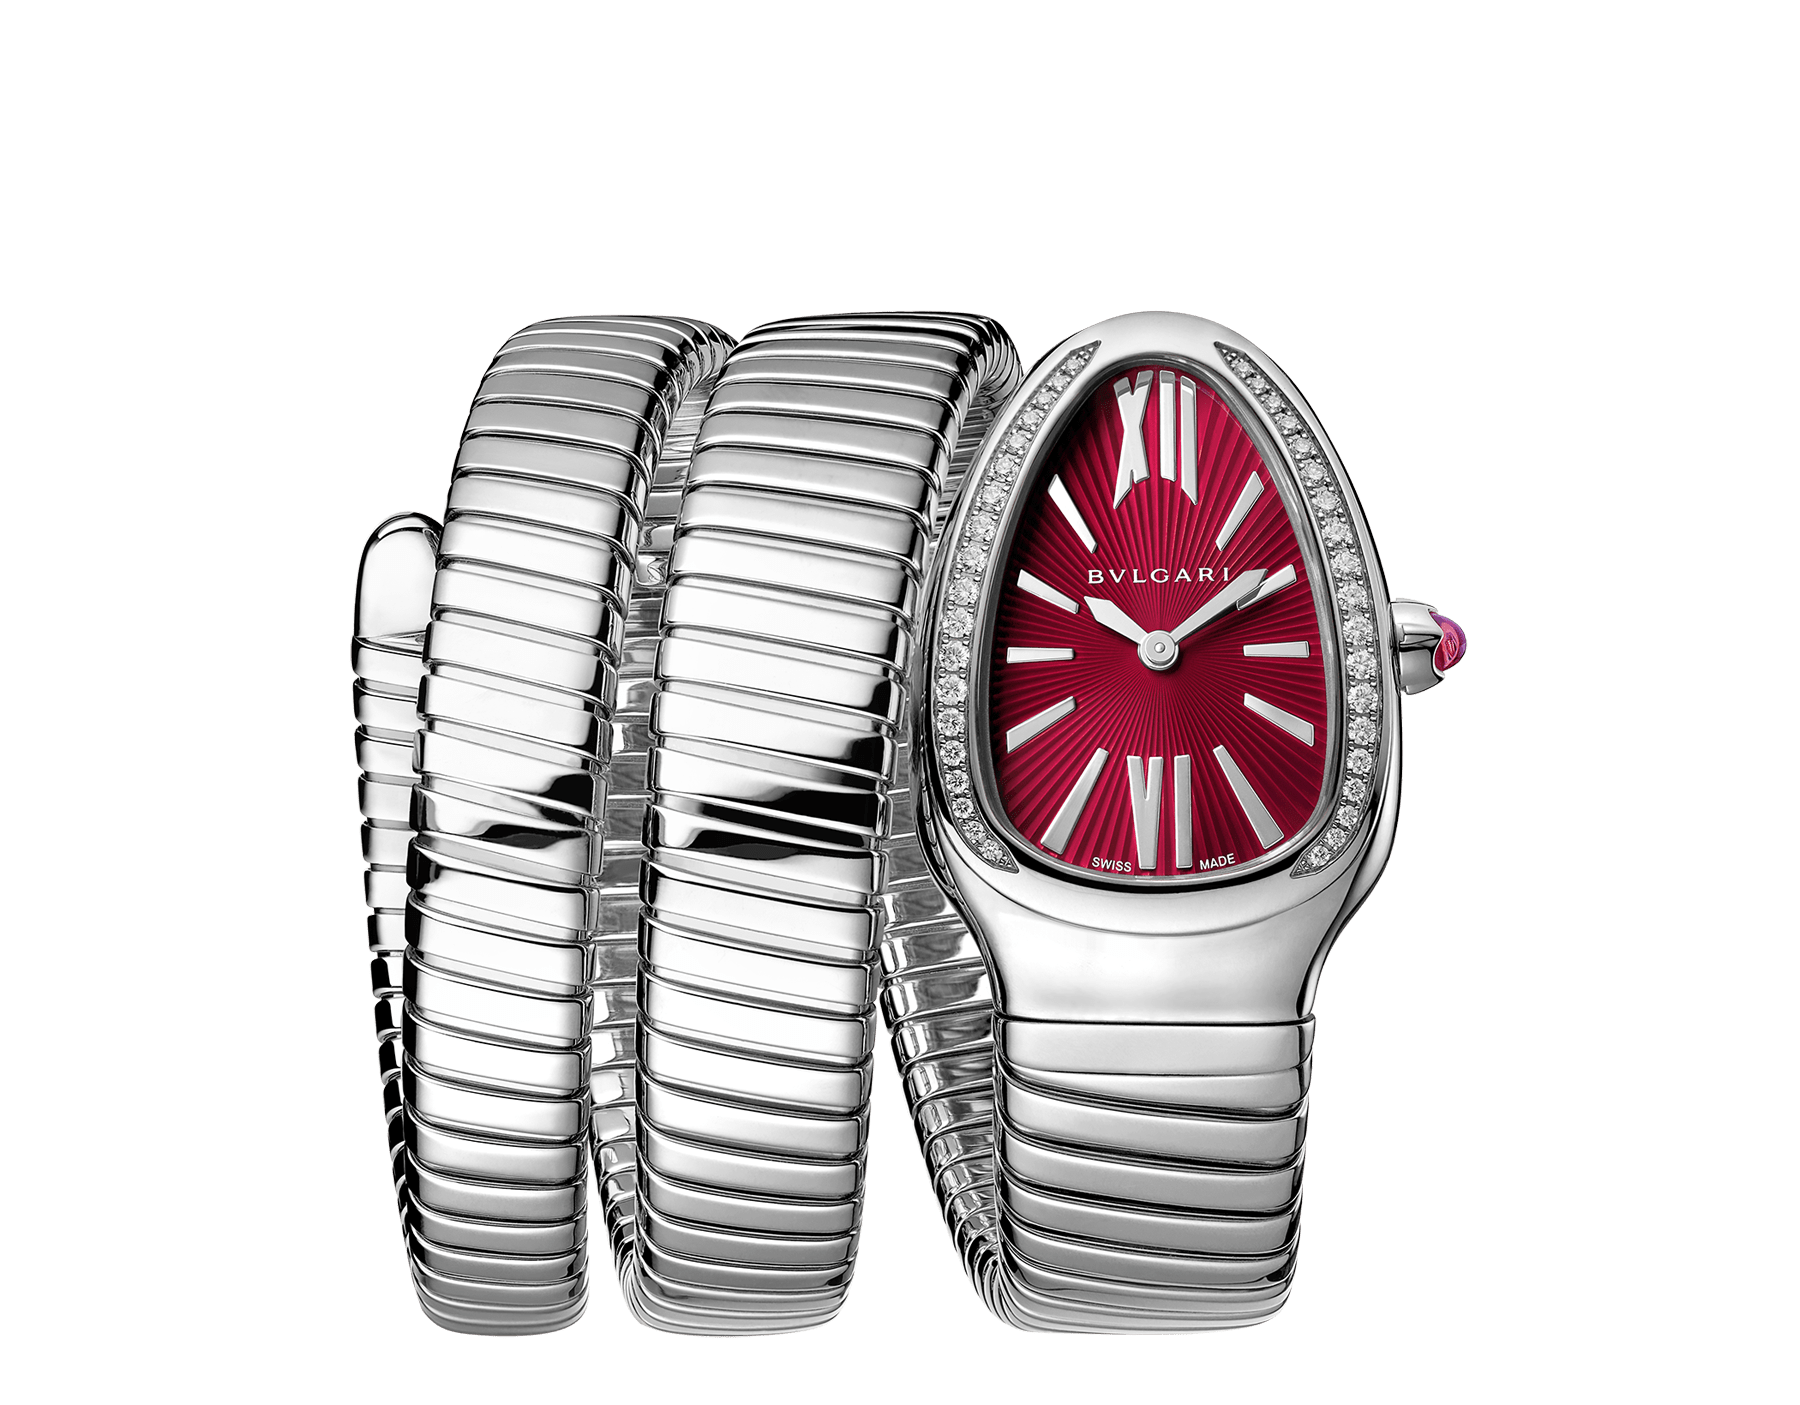 Montre Serpenti Tubogas avec boîtier en acier inoxydable serti de diamants taille brillant, cadran laqué rouge et bracelet double spirale en acier inoxydable. 102682 image 1